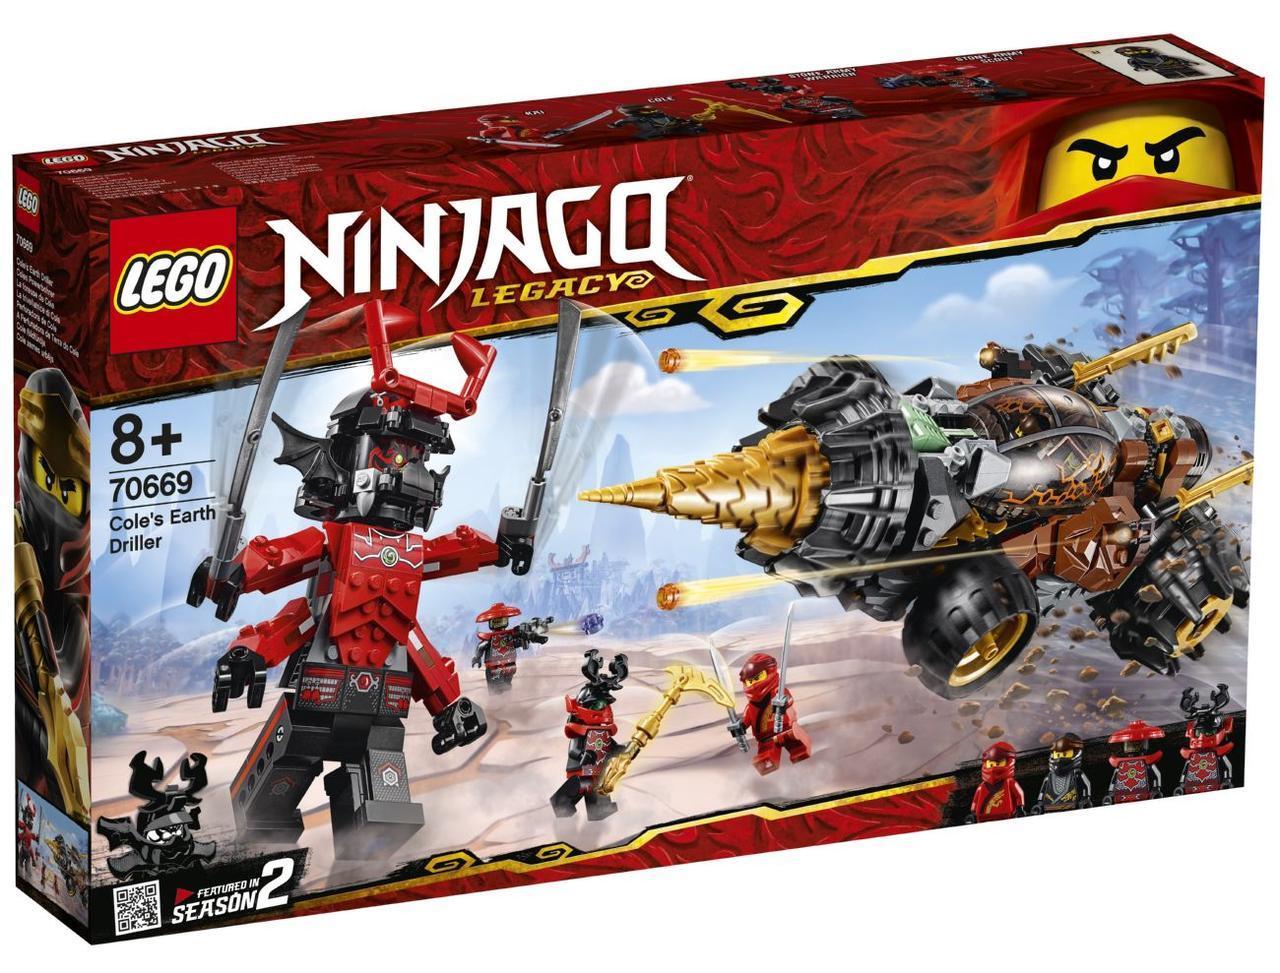 Lego Ninjago Земляной бур Коула 70669Нет в наличии